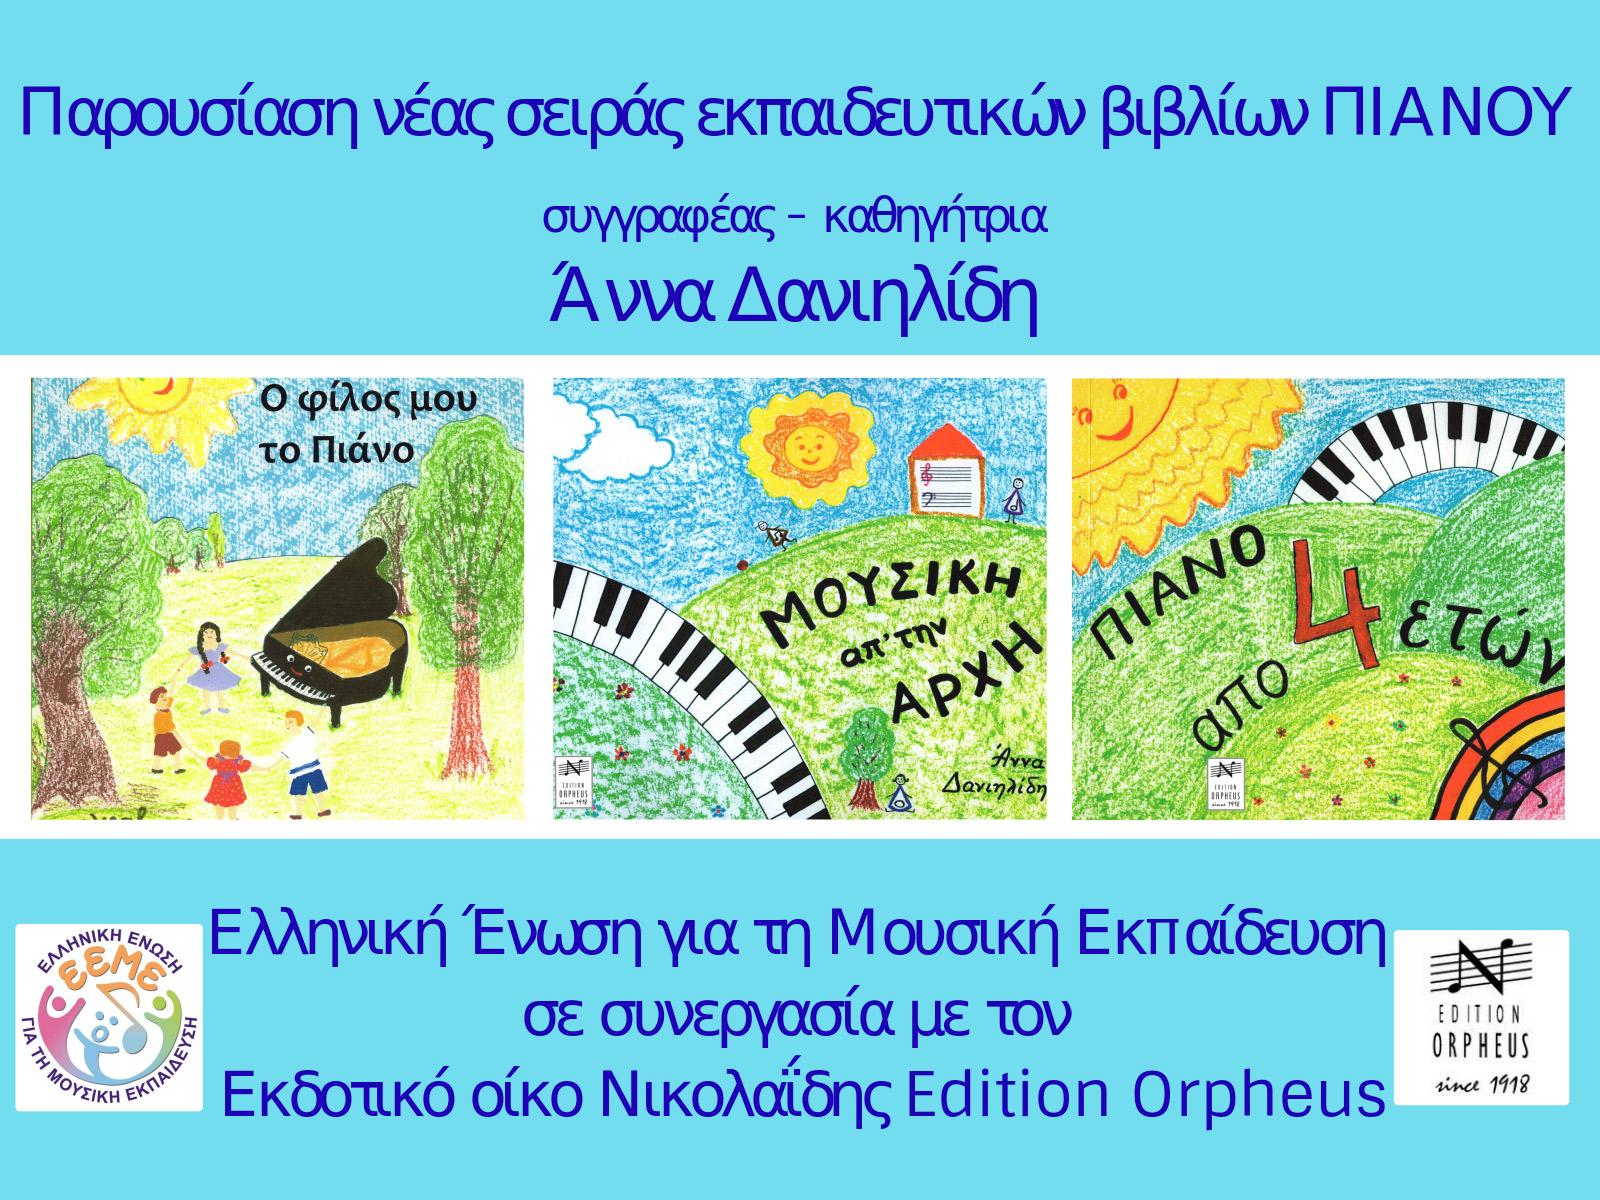 Εκπαιδευτικά βιβλία πιάνου της Άννα Δανιηλίδη